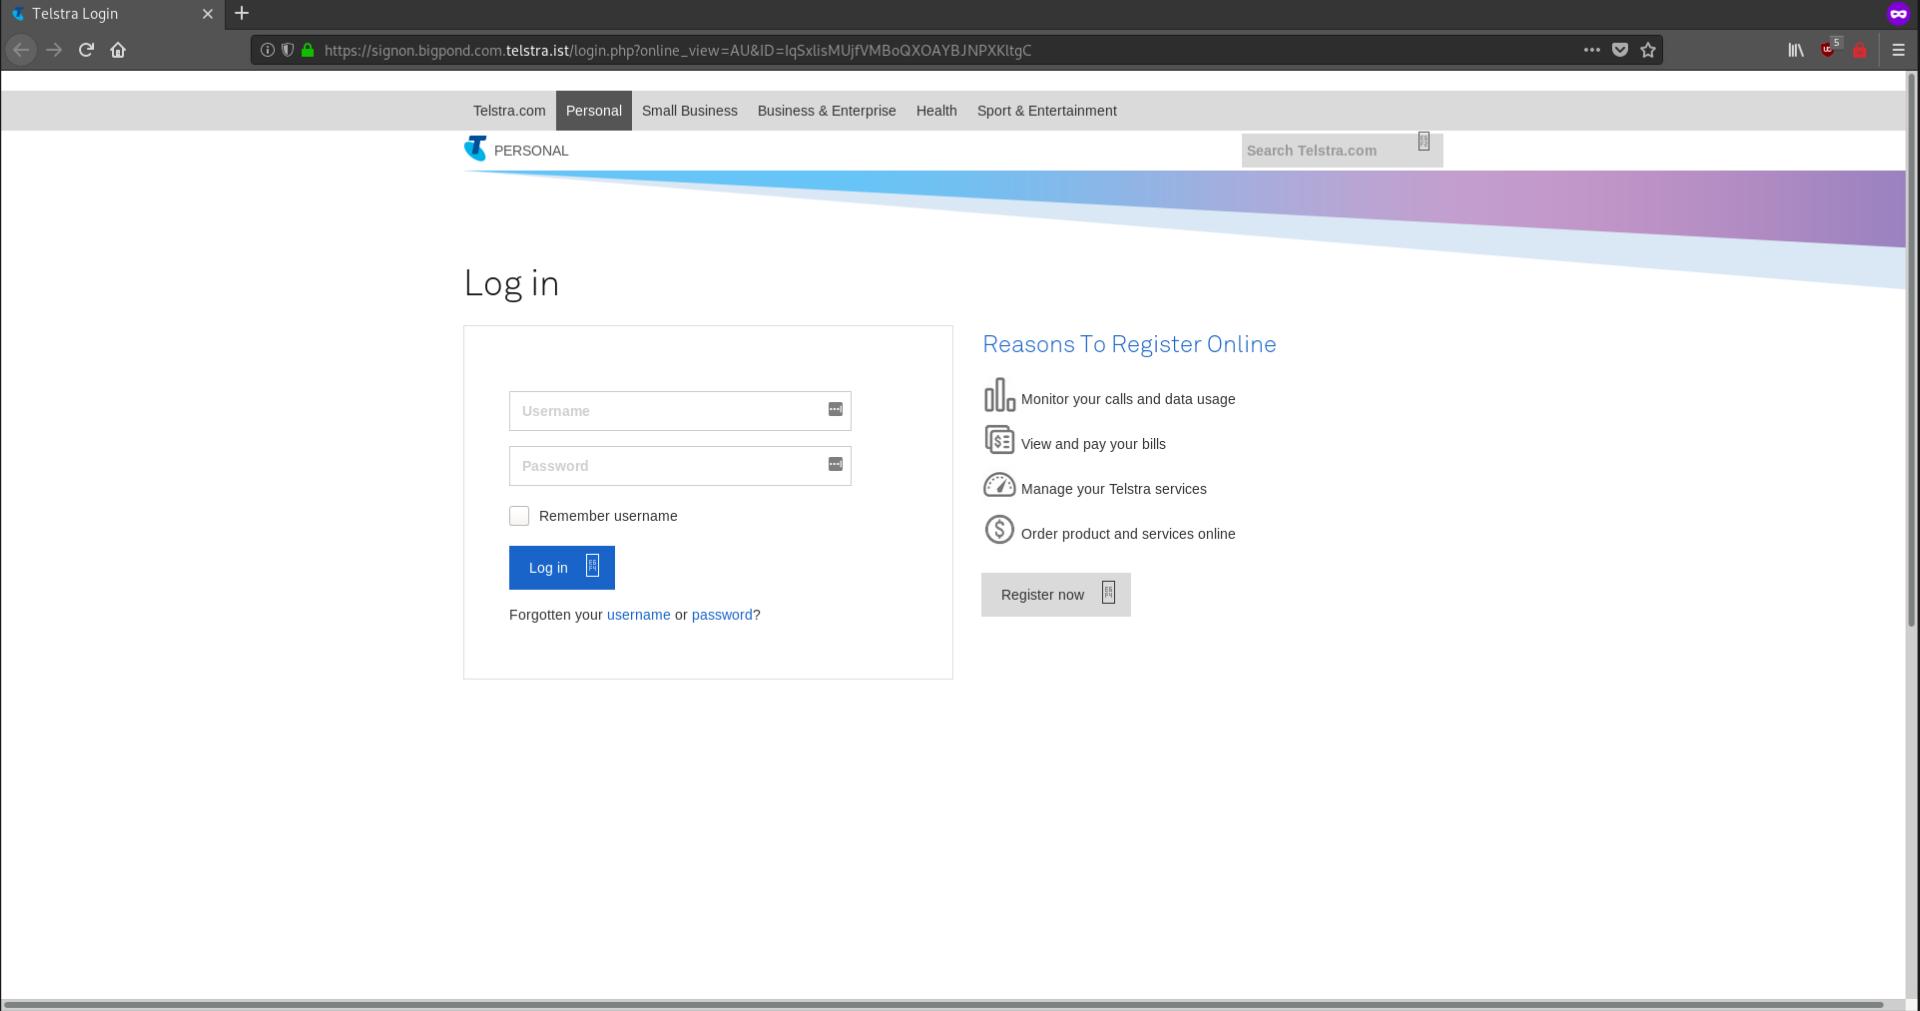 telstra phishing page 1510